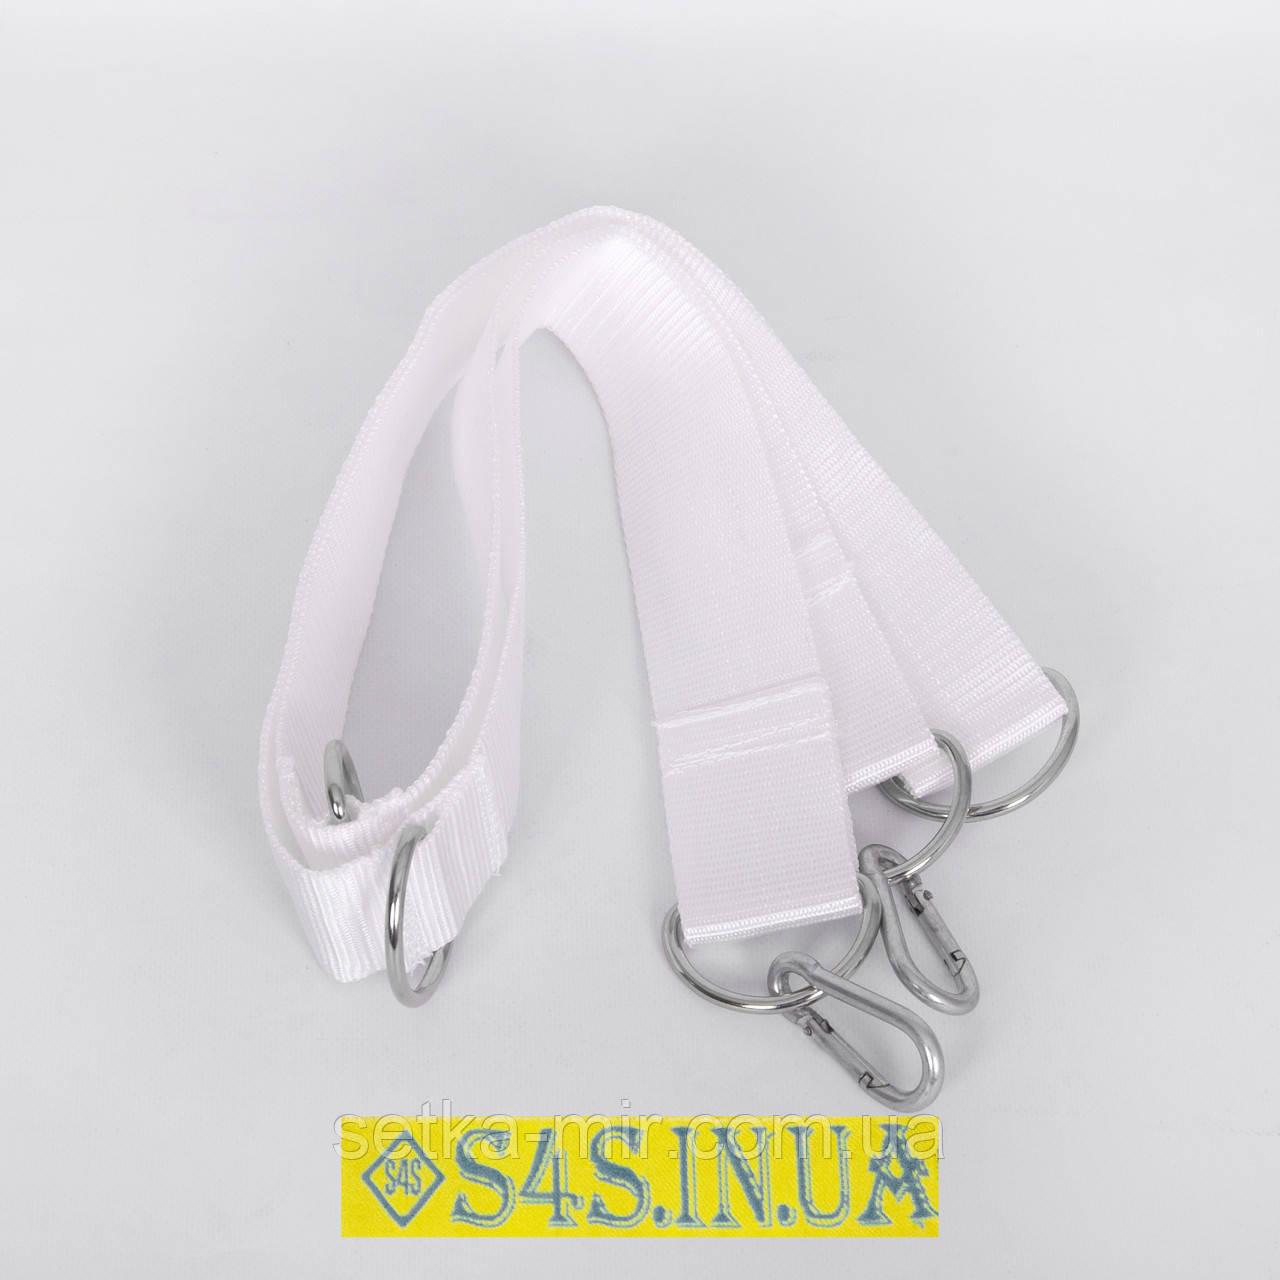 Система крепления Лента полипропиленовая для детские подвесные гимнастические веревочные спорттовары, белая